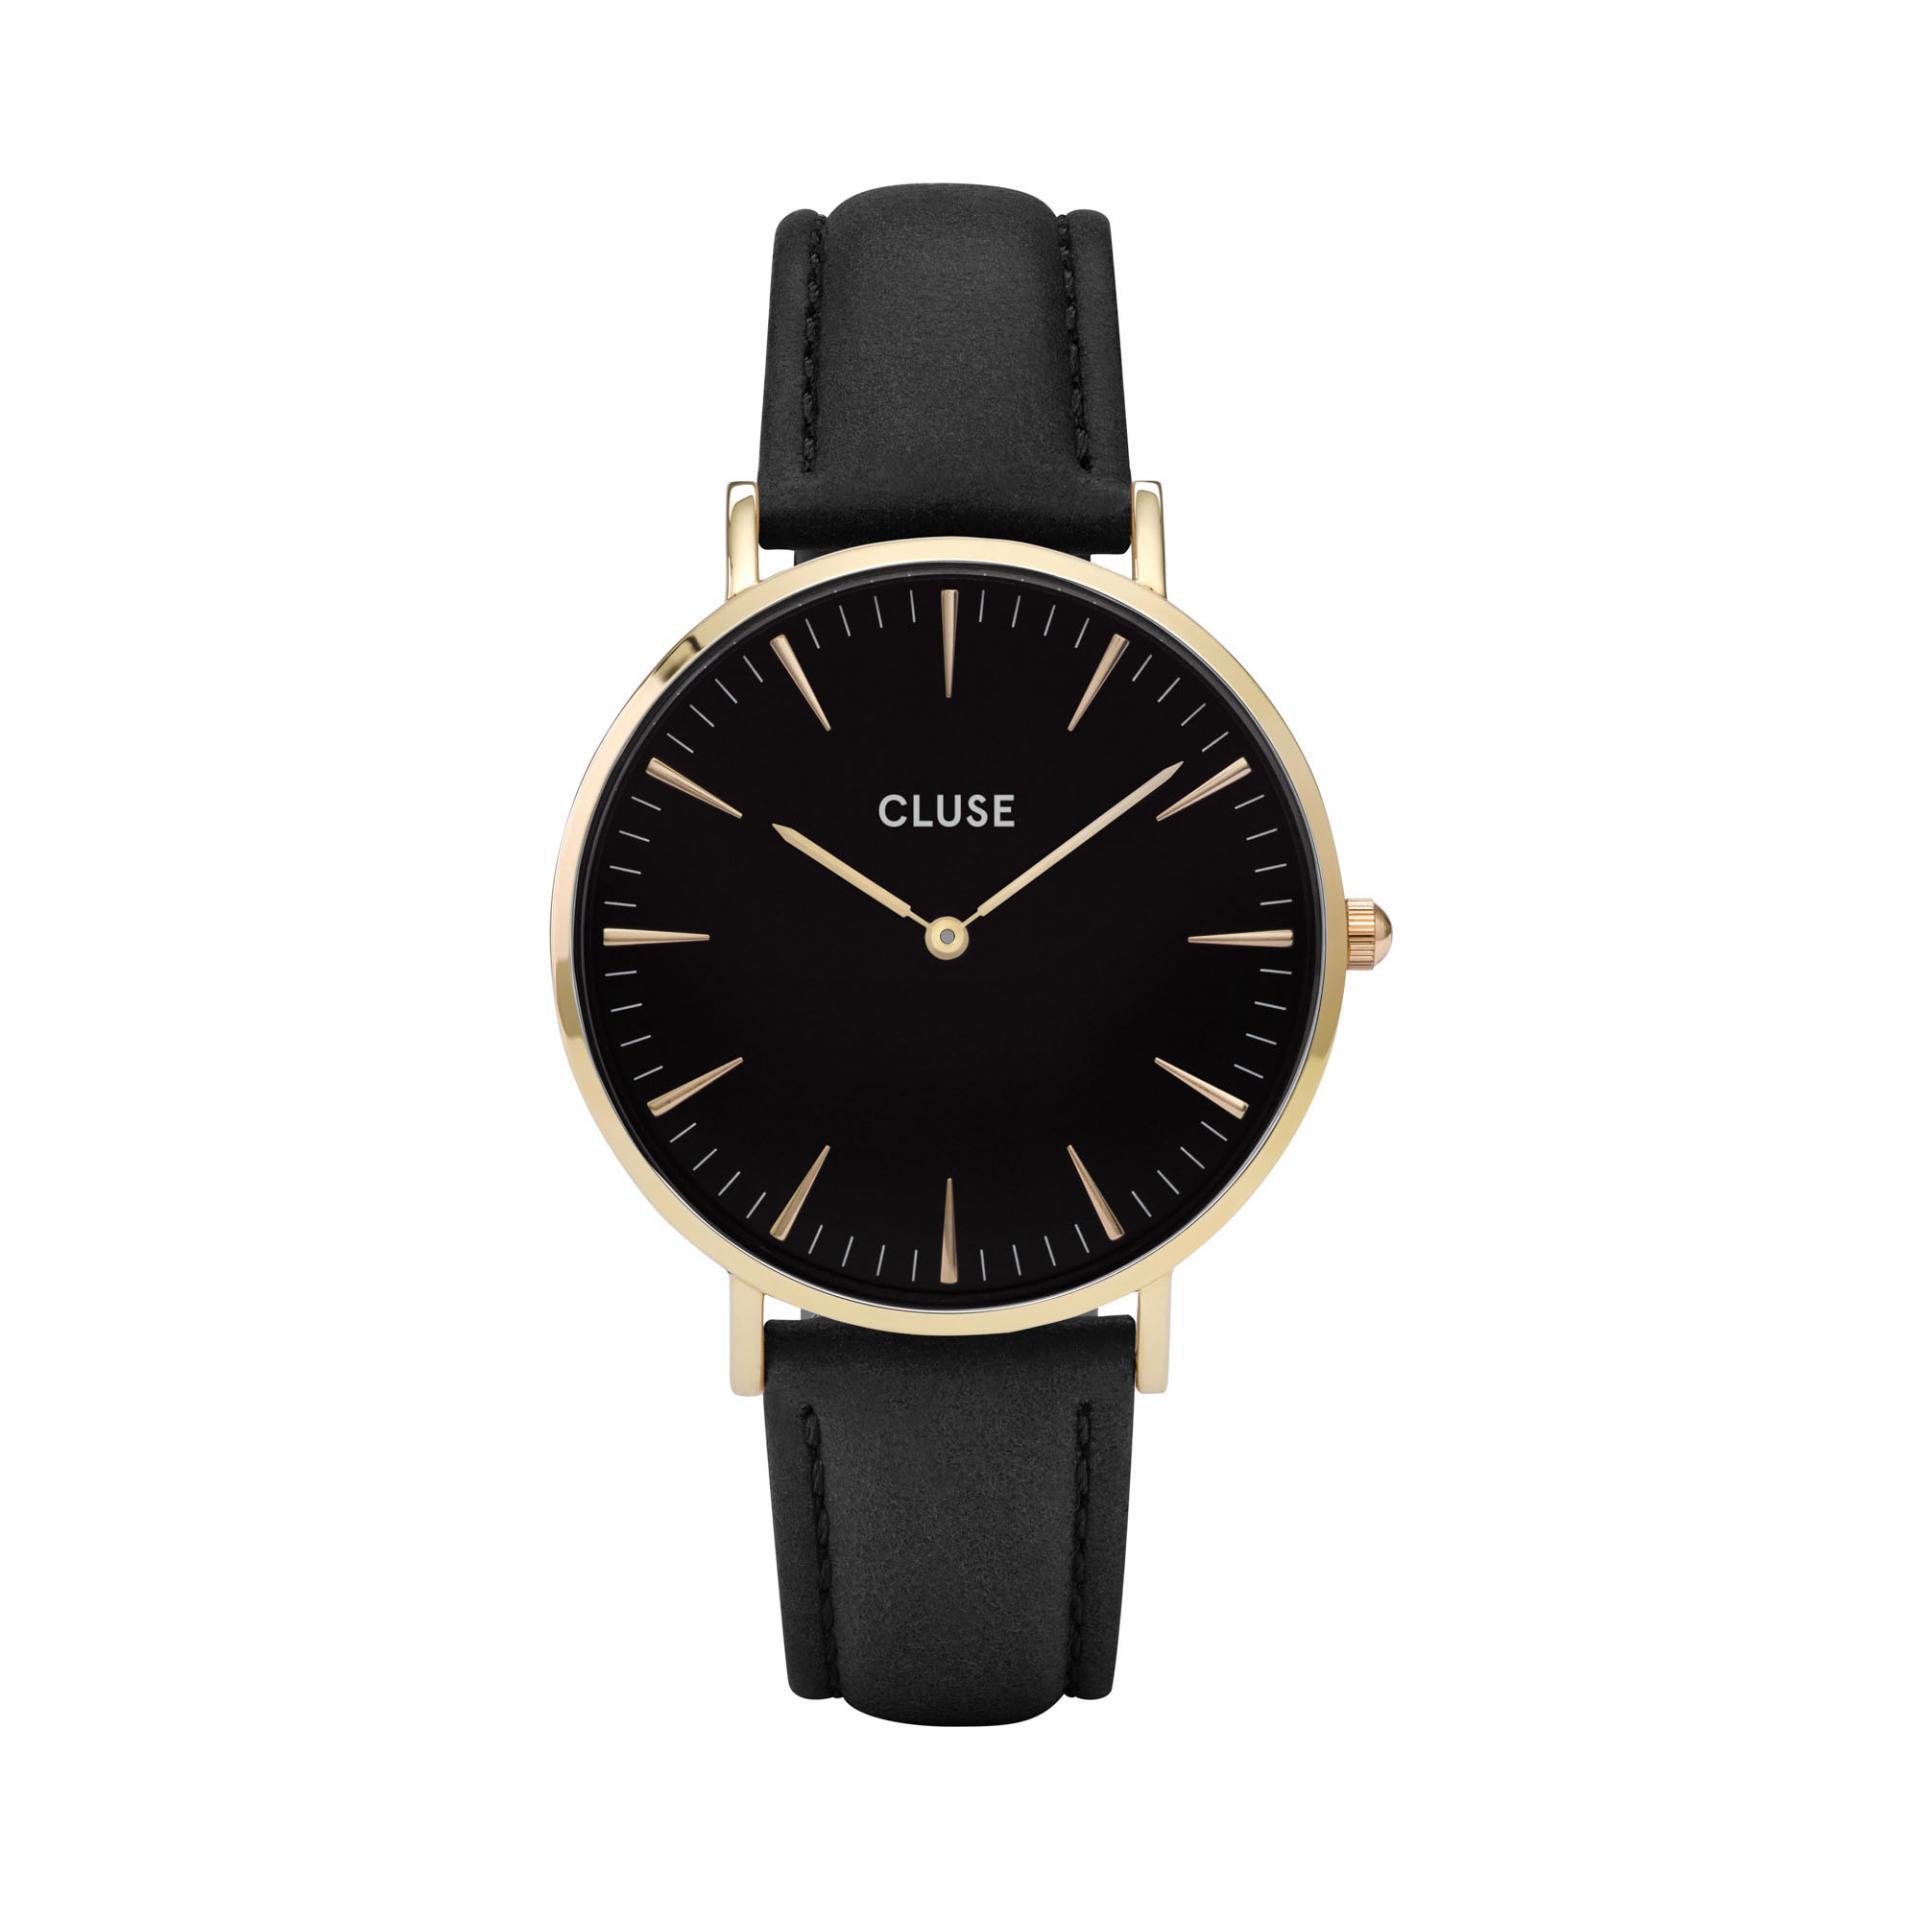 CLUSE Hodinky Cluse La Bohéme Gold black/black, černá barva, sklo, kov, kůže